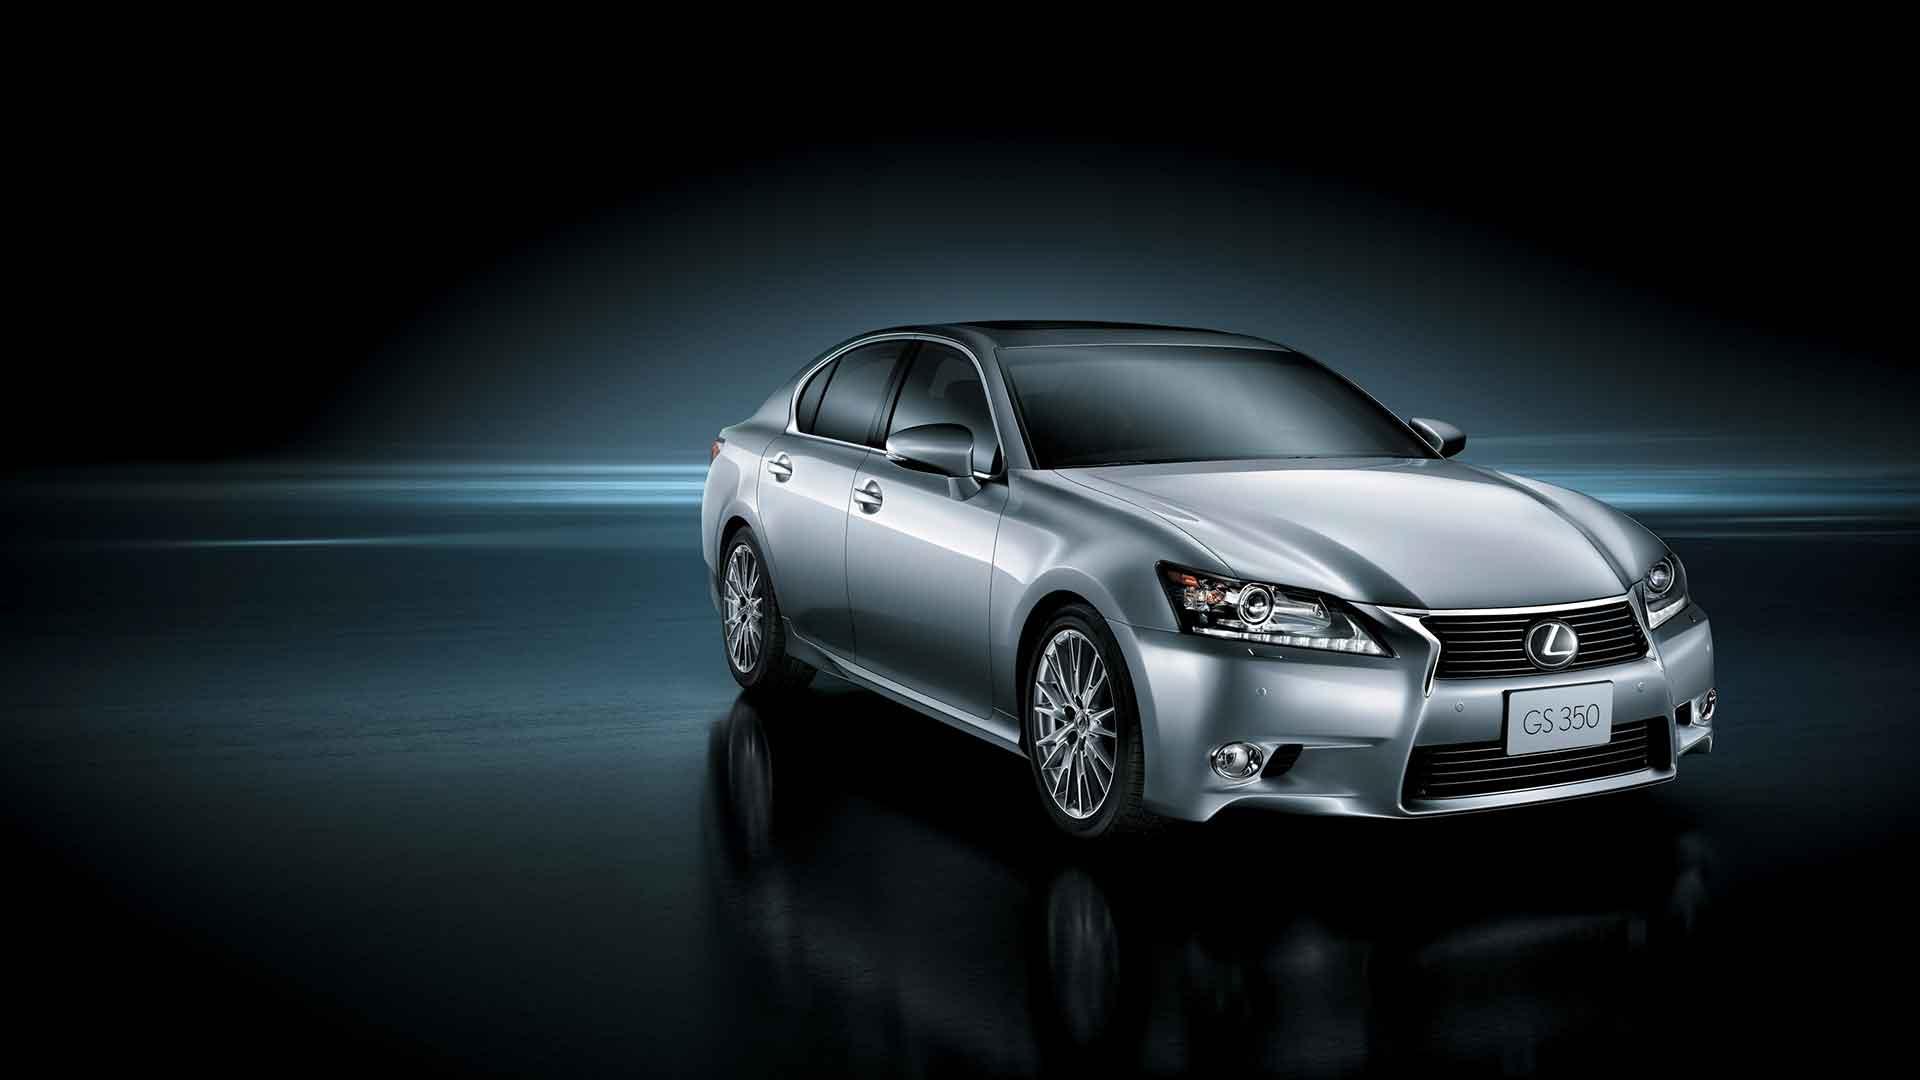 Presentación del Nuevo Lexus GS 2012 hero asset